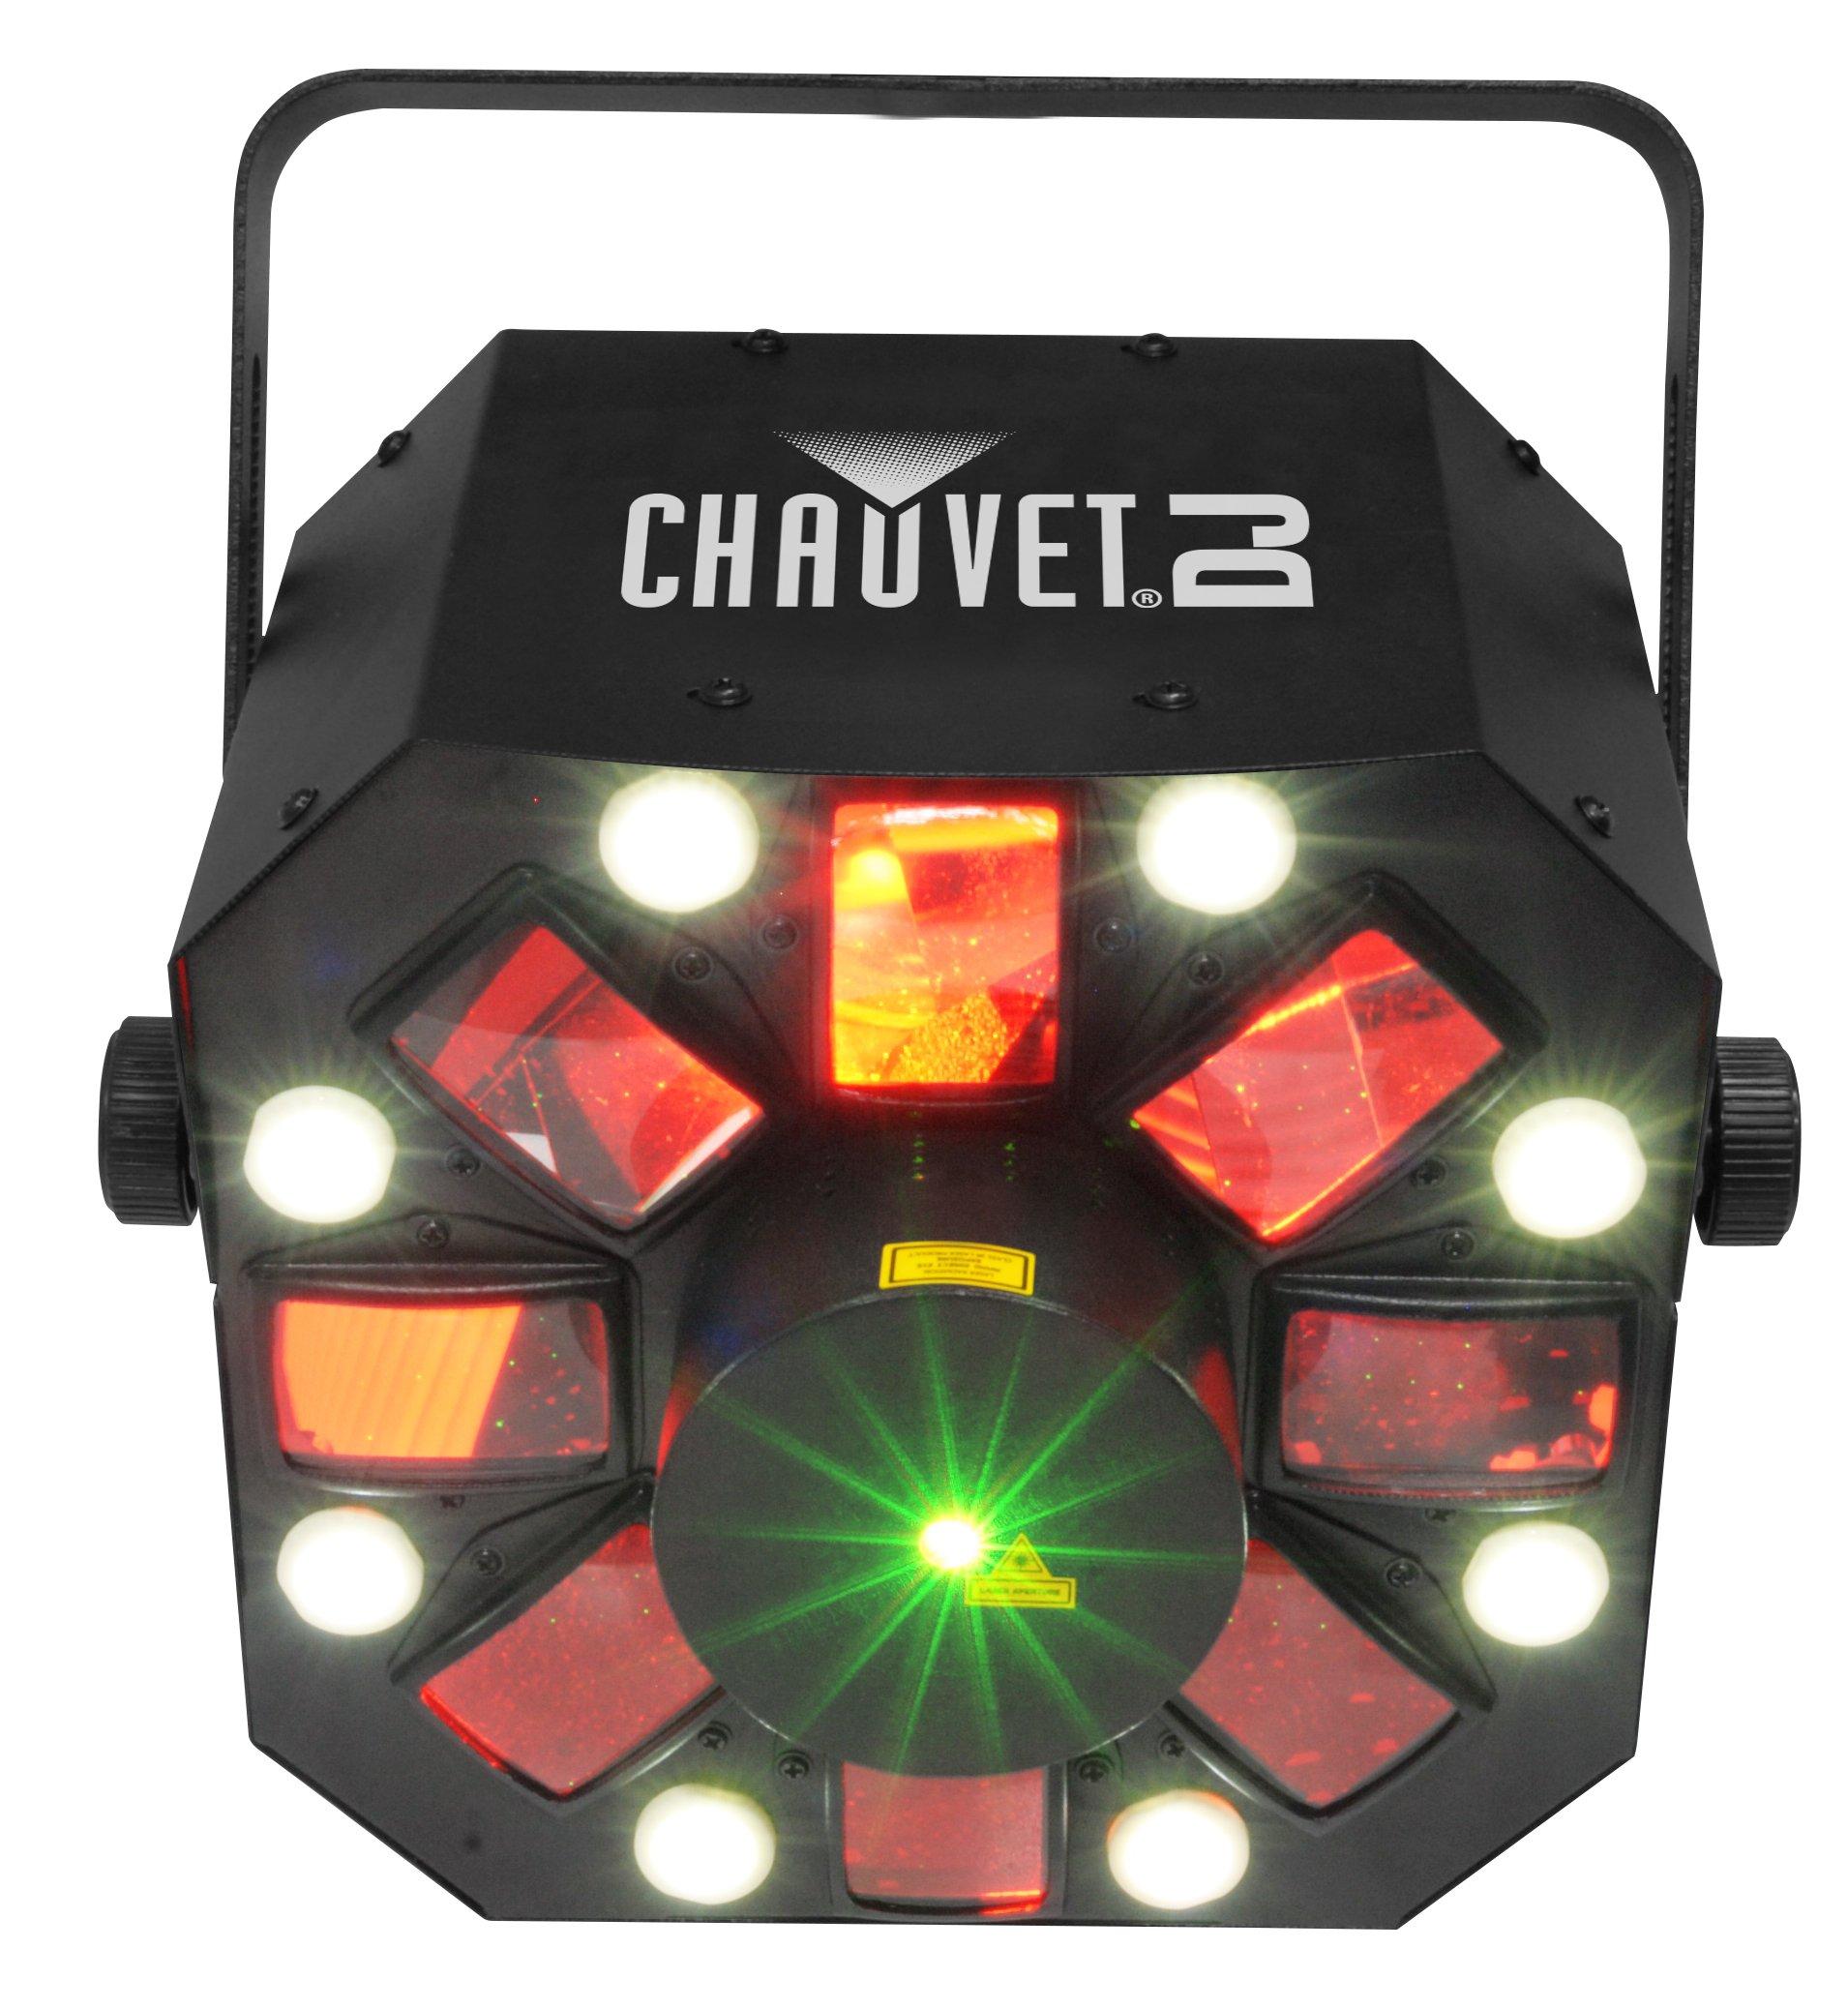 CHAUVET DJ SWARM5FX 3-in-1 Stage Lighting Effect | Laser & Strobe Effects